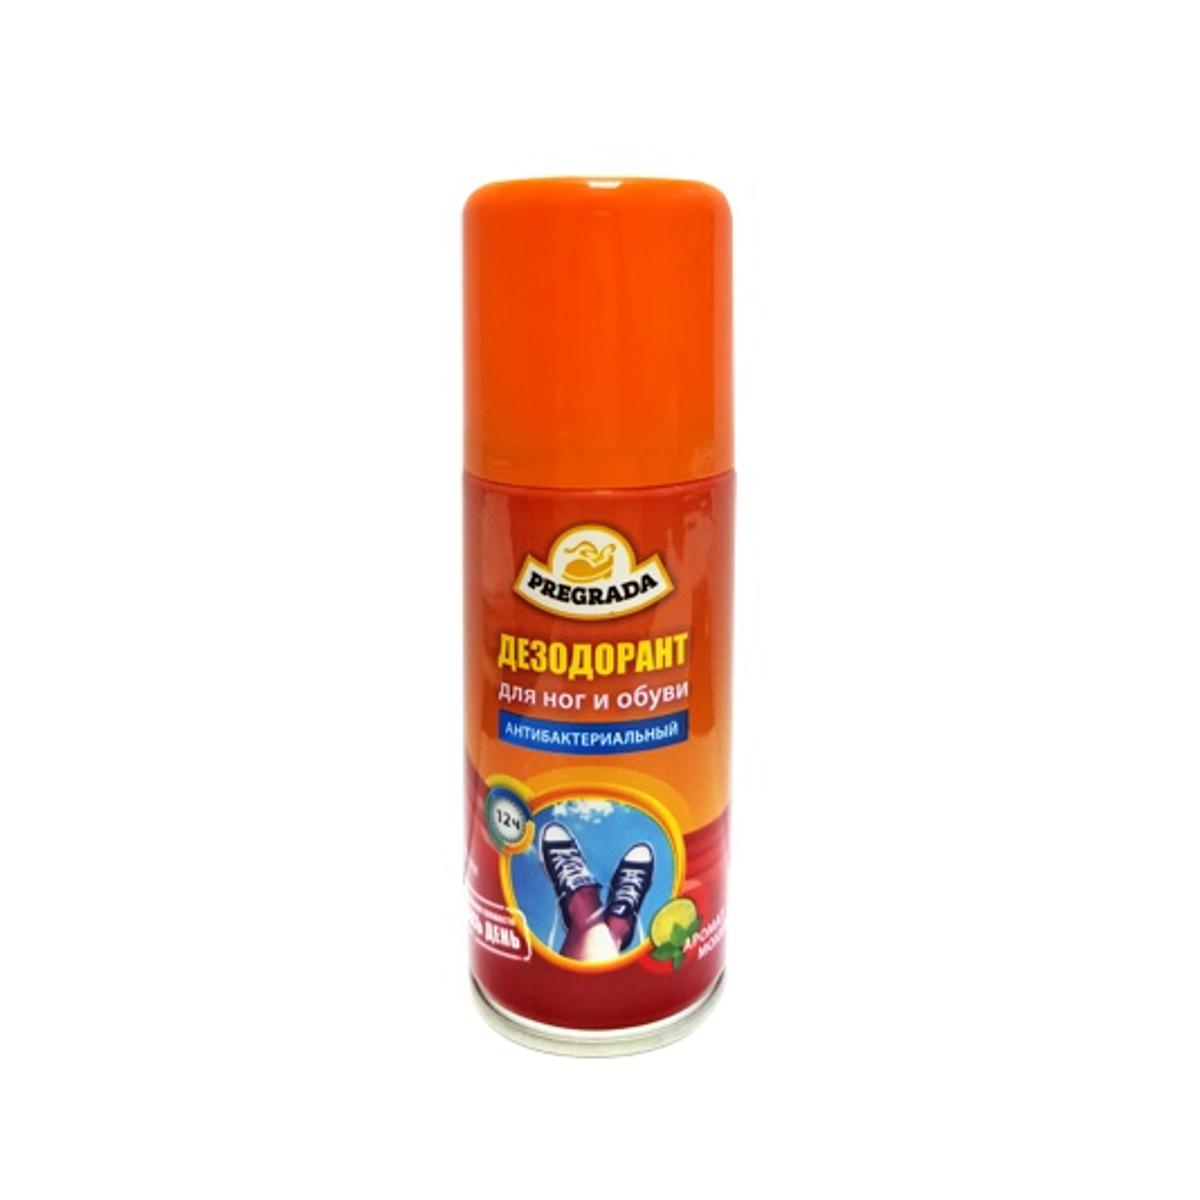 Аэрозоль дезодорант для ног и обуви Pregrada